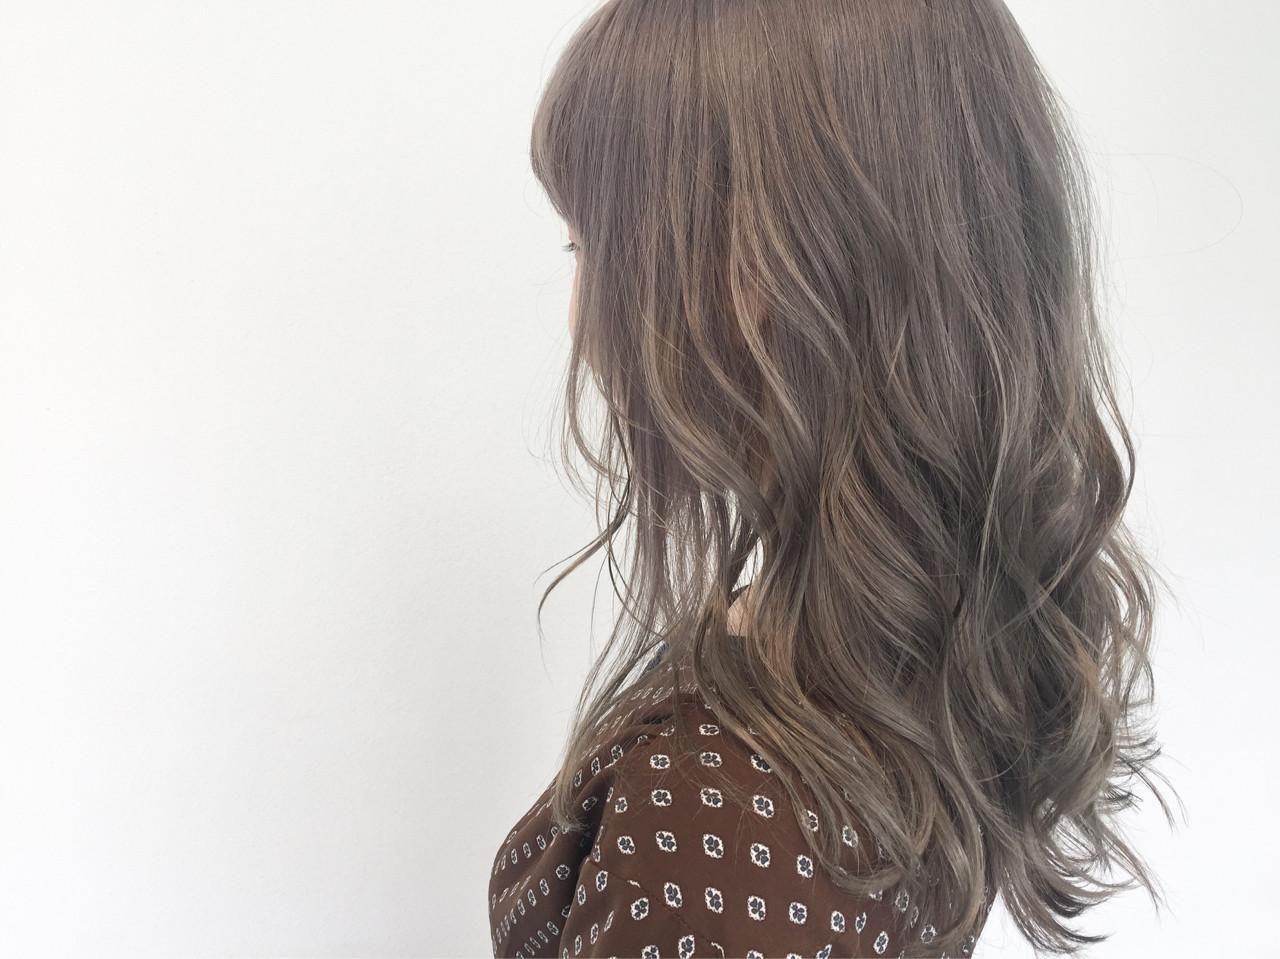 ナチュラル セミロング ハイトーン ハイライトヘアスタイルや髪型の写真・画像